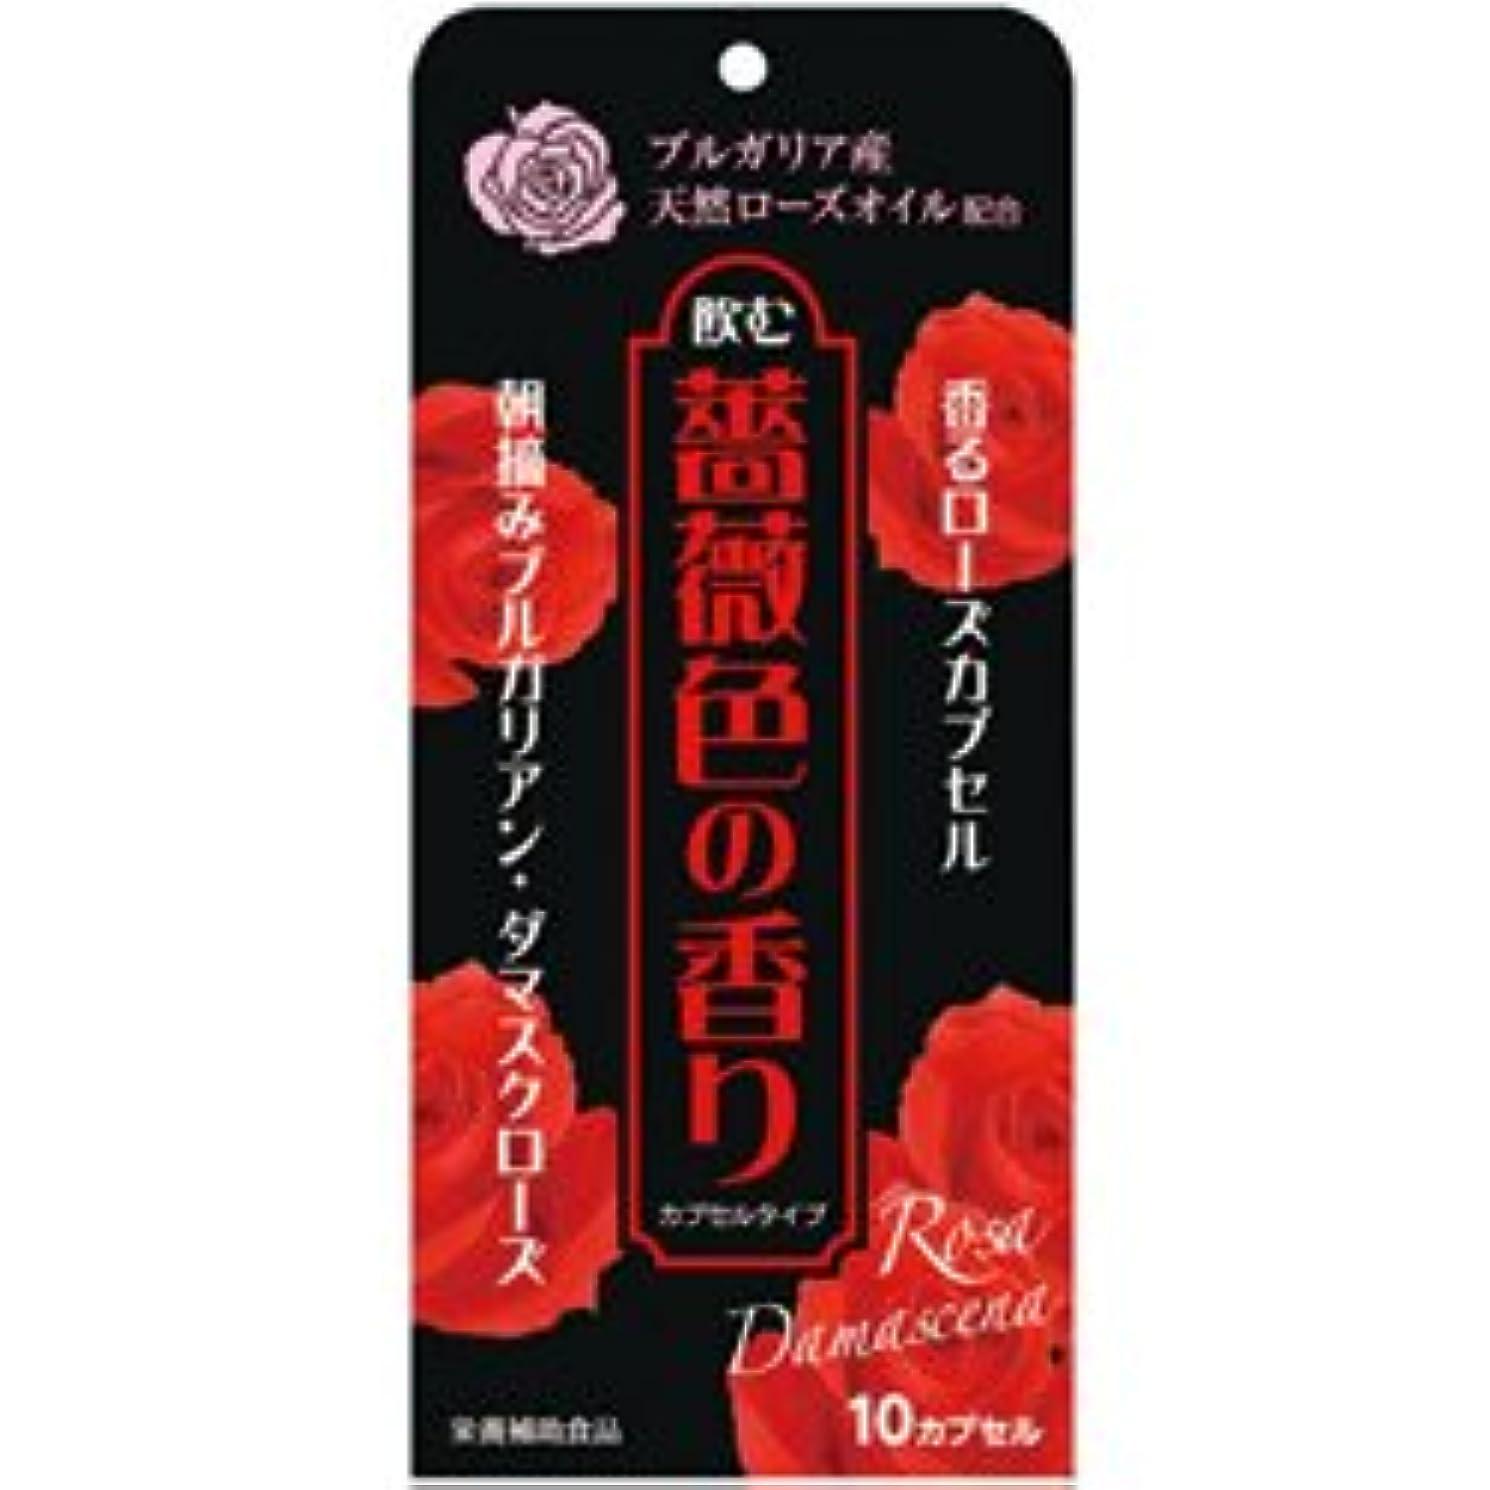 汚物トランペット印象派【ウェルネスジャパン】飲む薔薇色の香り 10カプセル ×20個セット